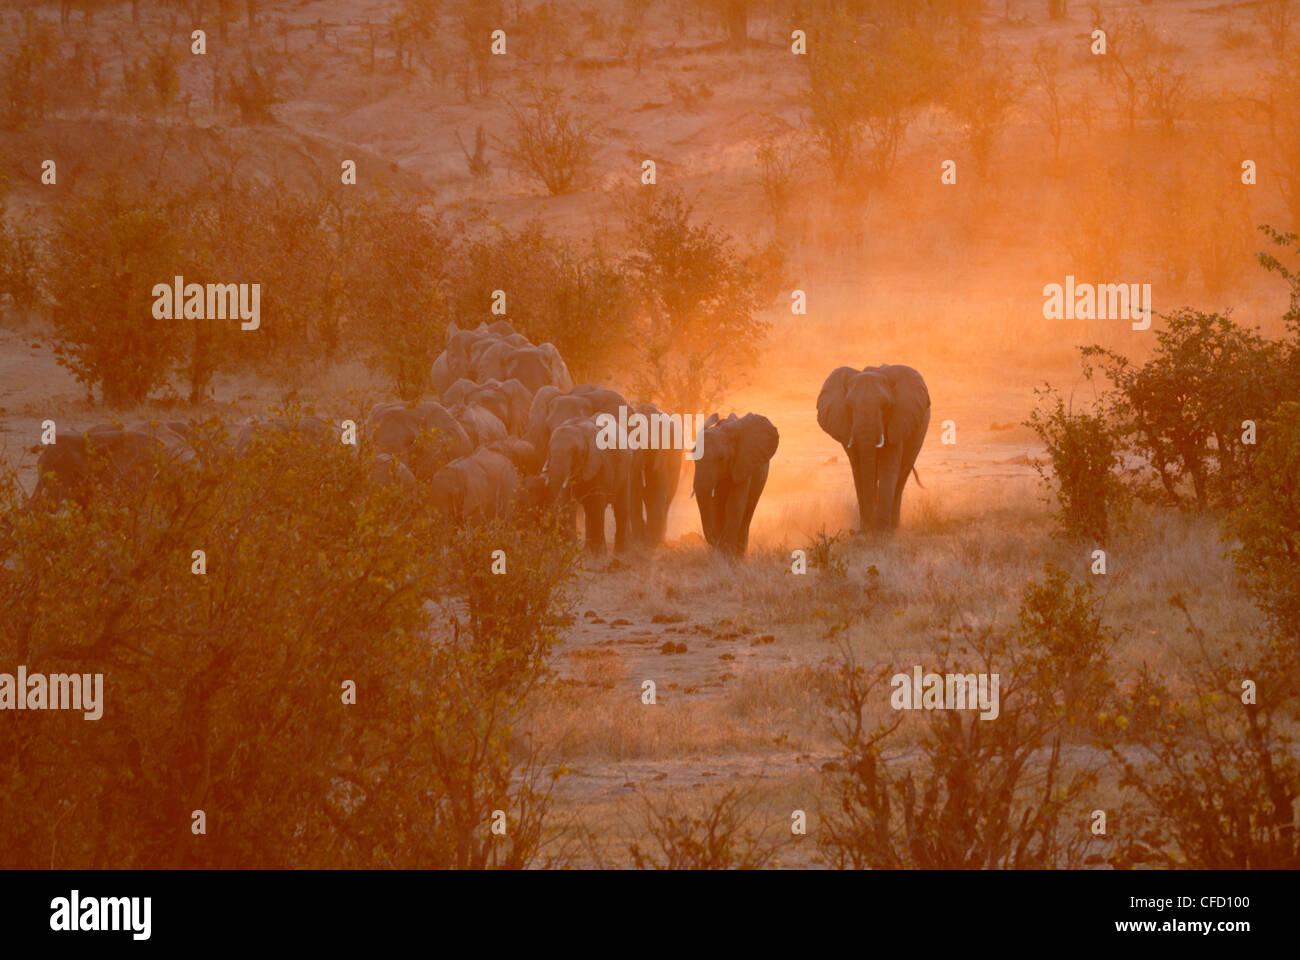 Elephants, Hwange National Park, Zimbabwe, Africa - Stock Image